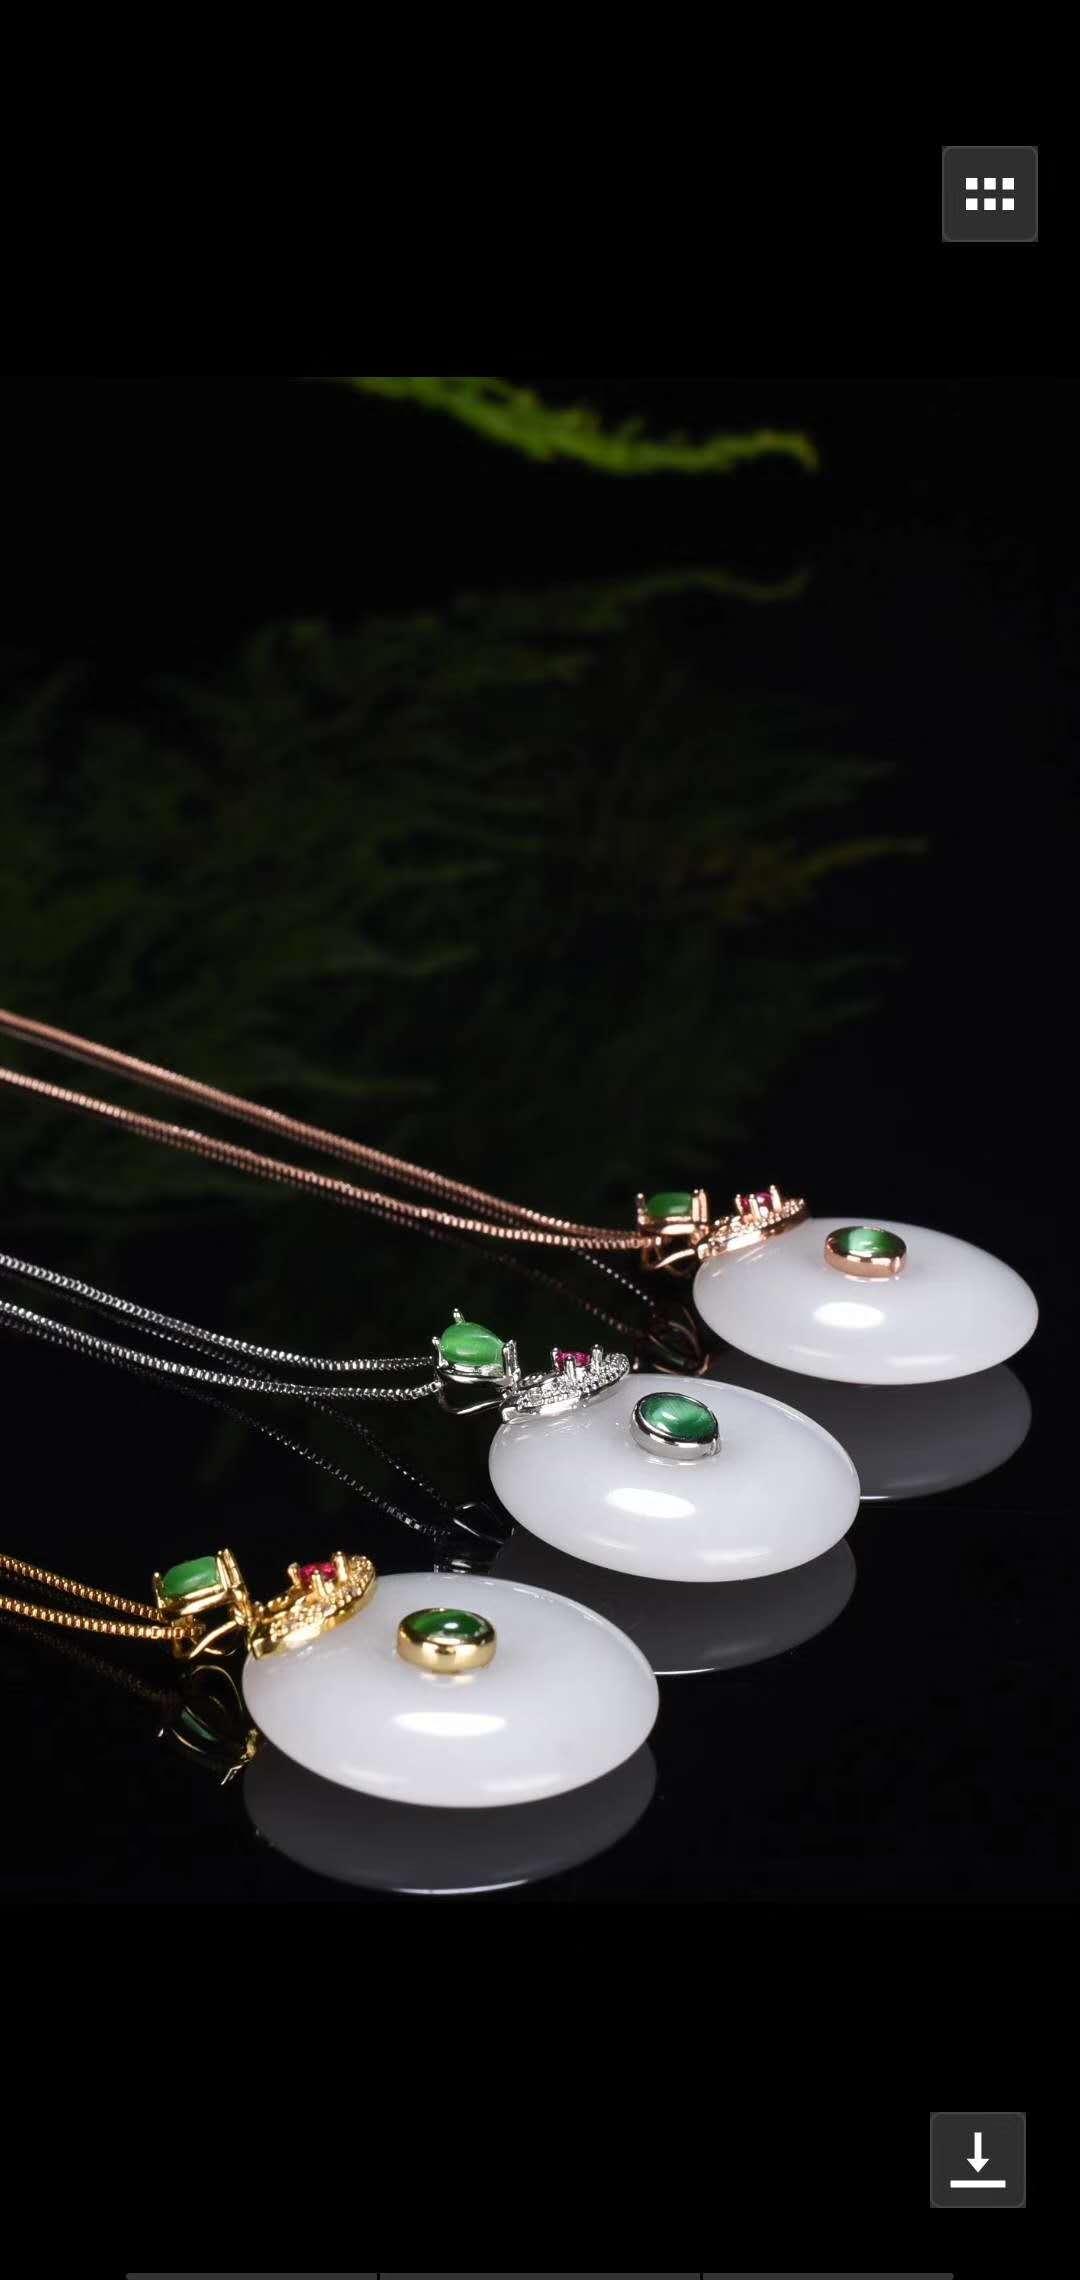 Baiyuhetianyu colgante femenino Kjinxiangyu pacífico collar jade piedra colgante jade colgante niños